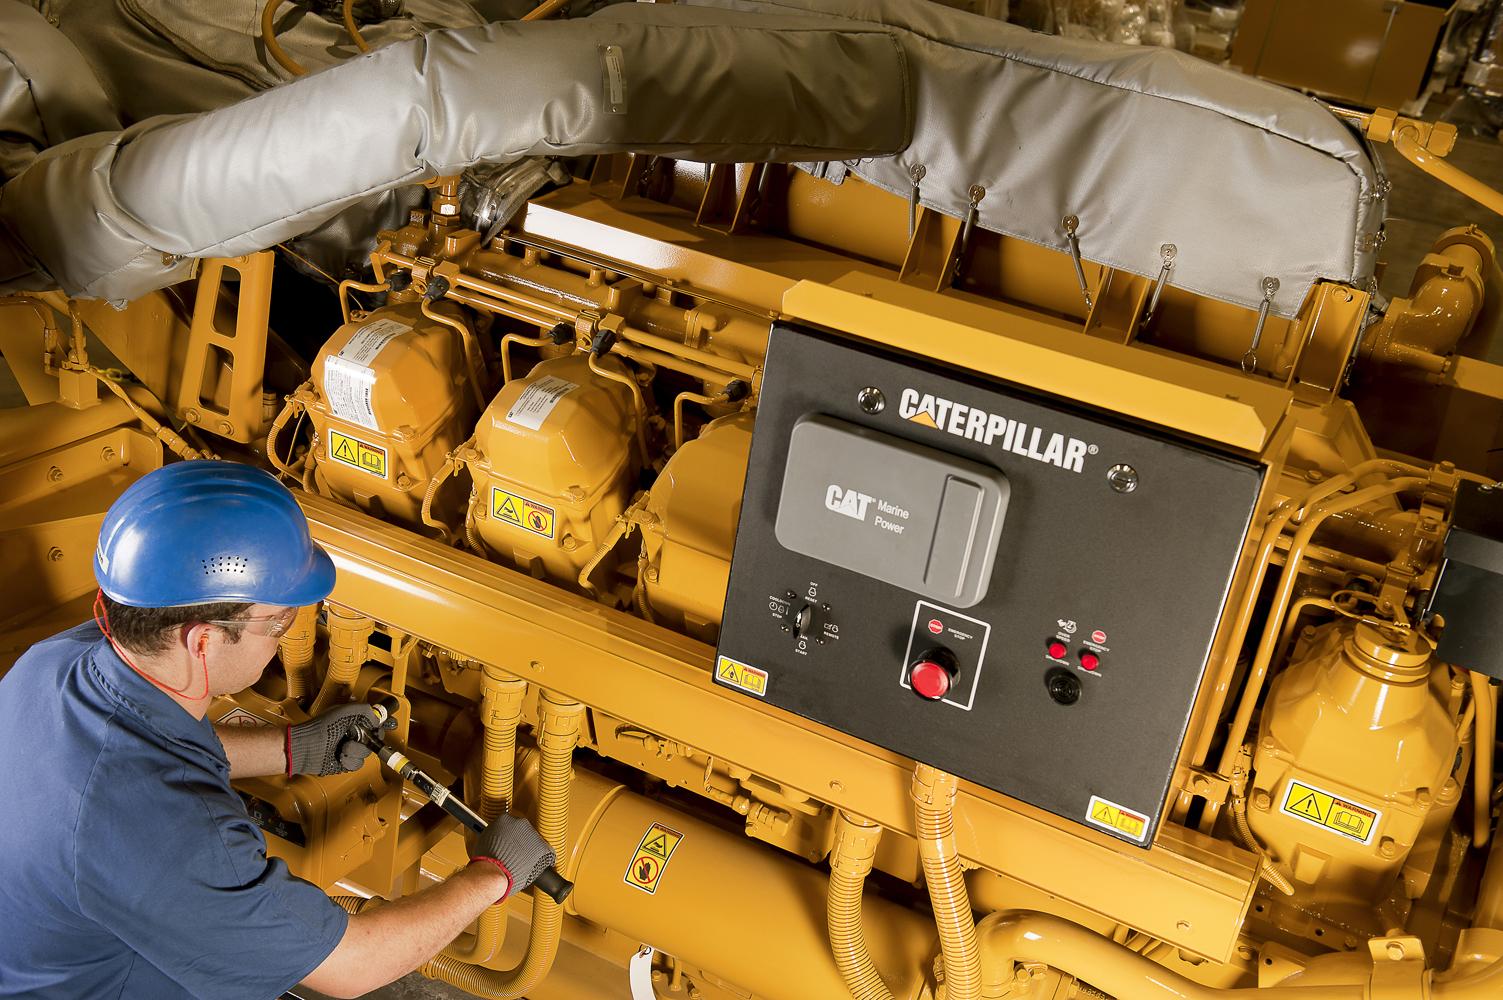 db1093eeb16 Caterpillar fornece o centésimo grupo gerador offshore